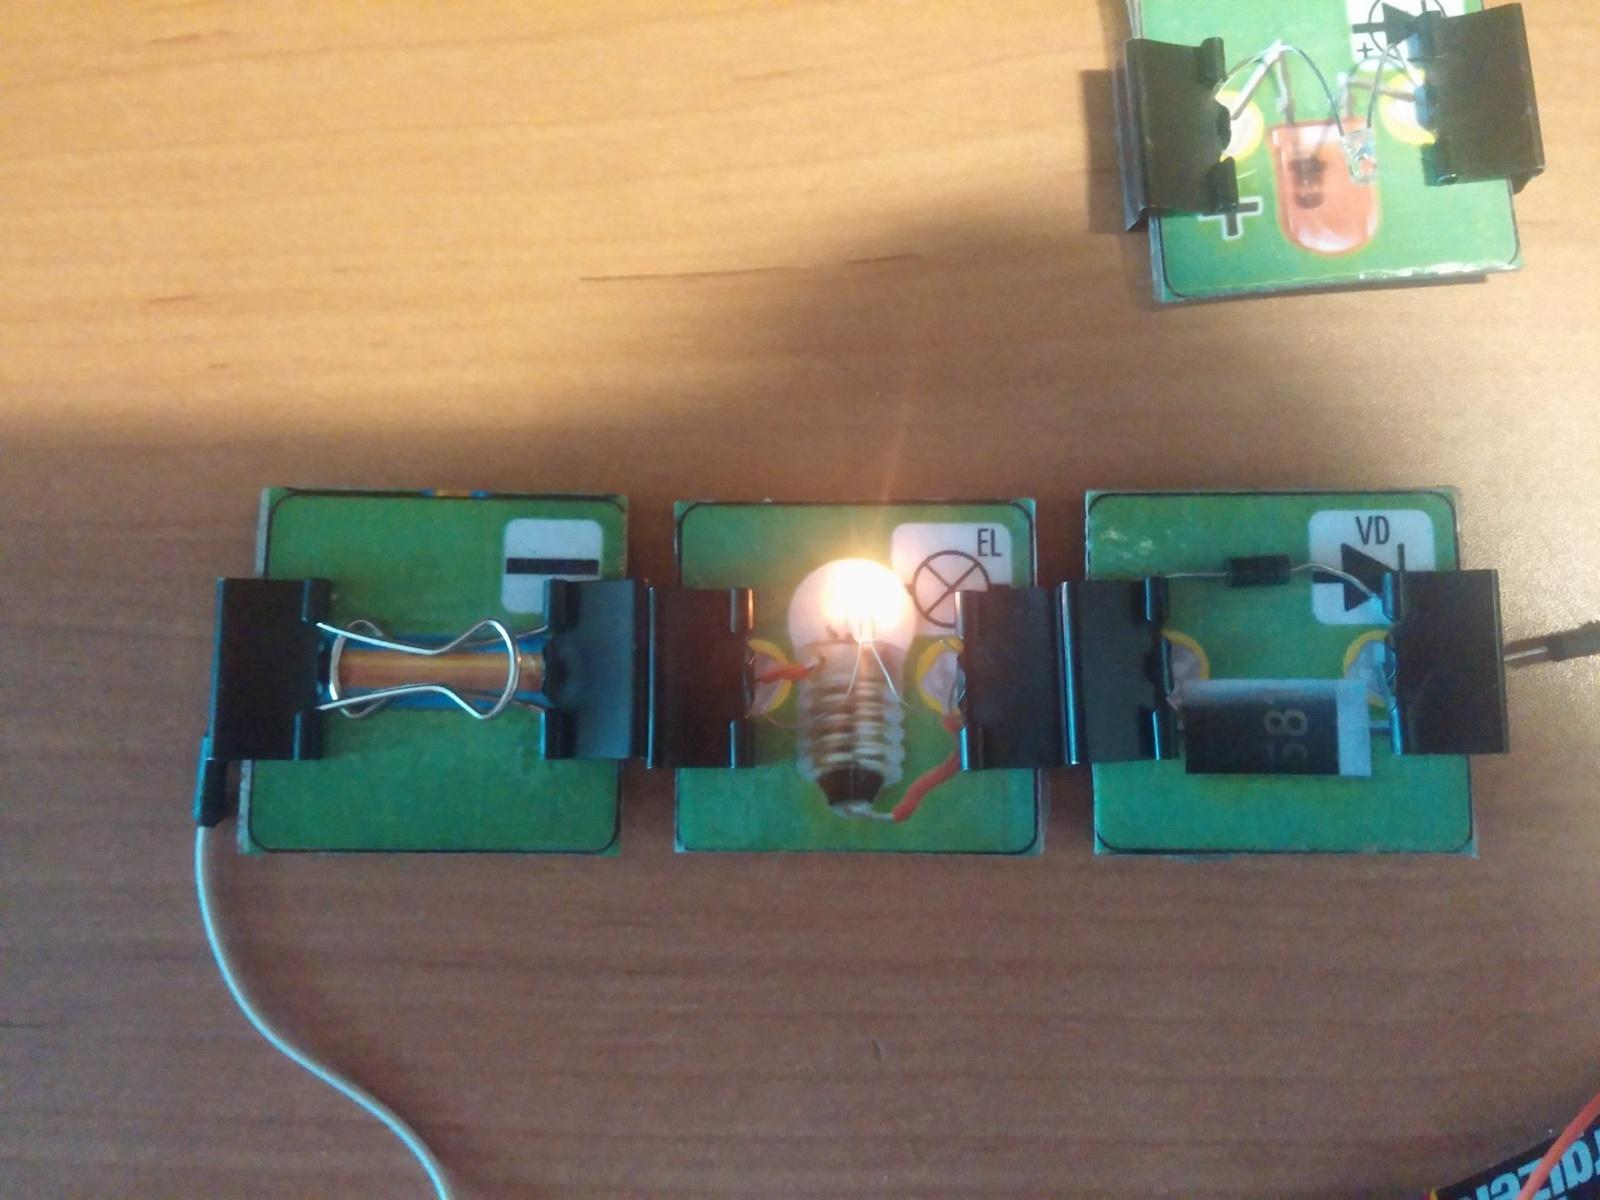 Превращаем картонную электрическую схему в настоящую или как сделать простой конструктор из настольной игры - 1